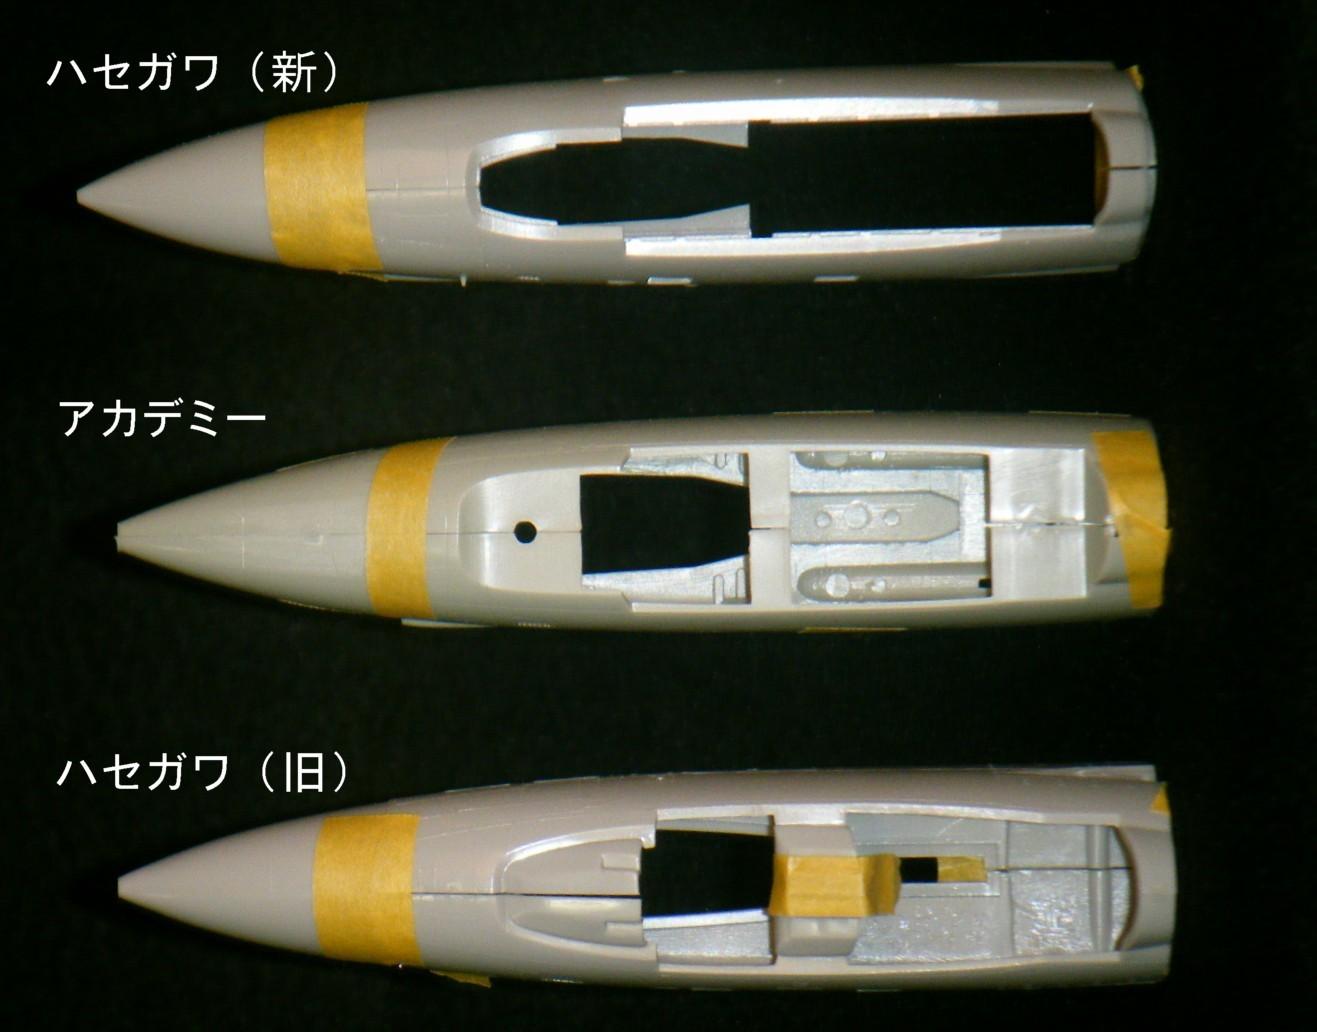 【比較】83式とトム猫_f0229976_09234395.jpg